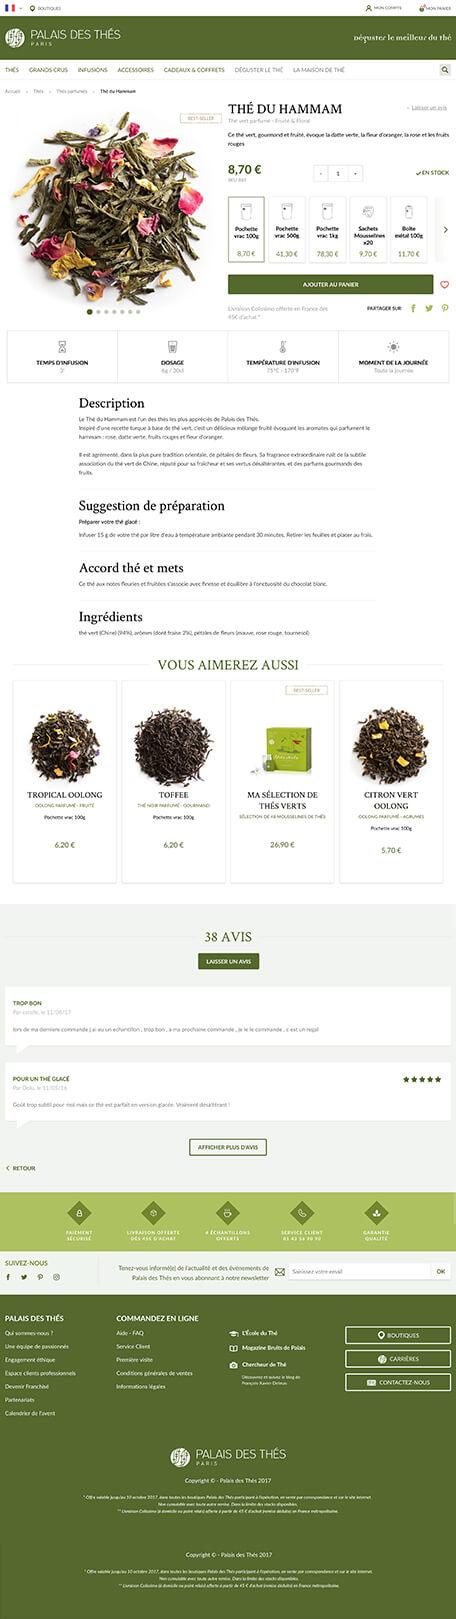 Agence-DND-Creation-Site-ECommerce-Palais-des-Thés-22